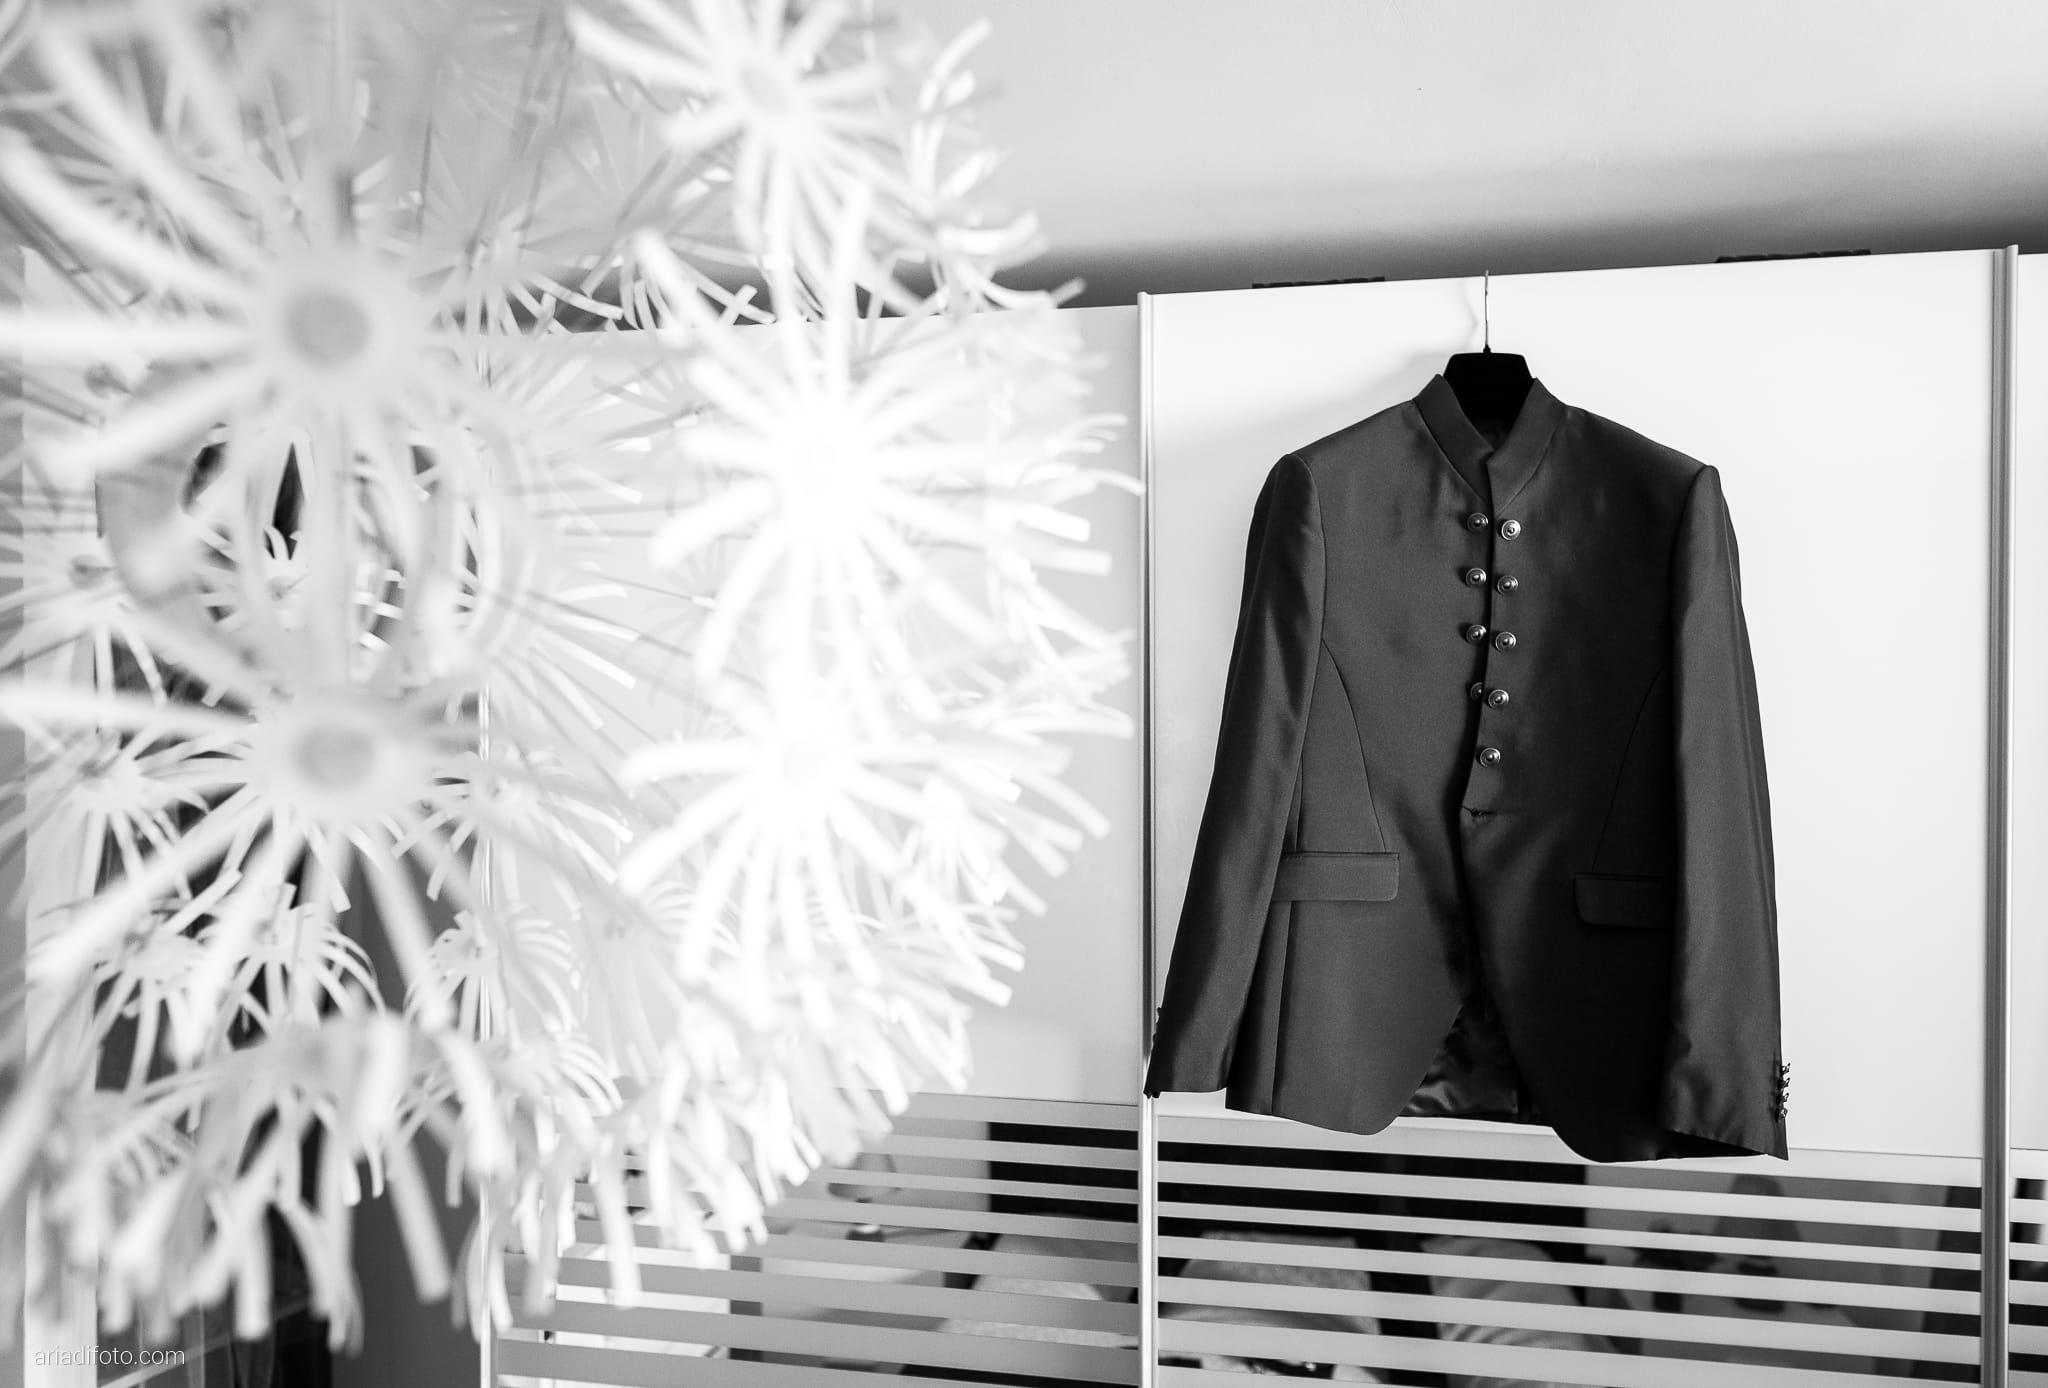 Erica Stefano Matrimonio Duino Castello Spessa Capriva Del Friuli Gorizia preparativi dettagli abito cravatta